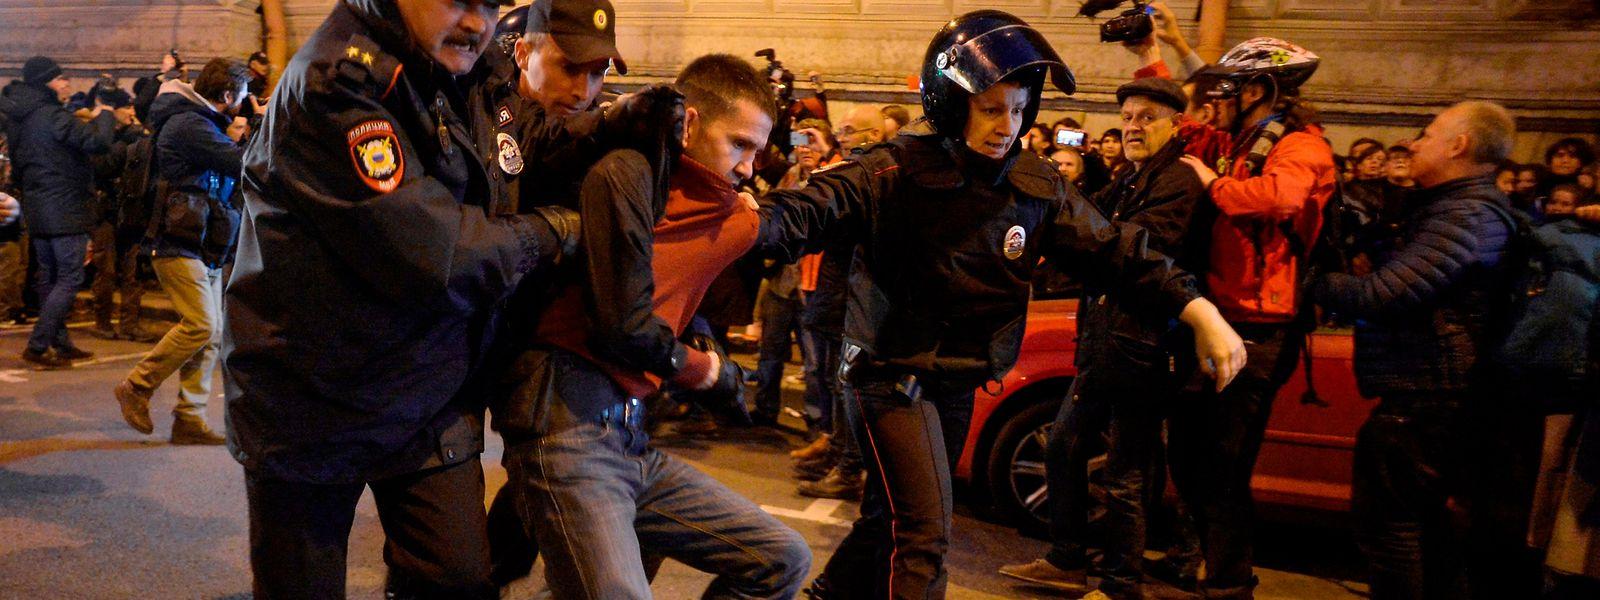 Die russische Polizei nimmt einen Anhänger des Oppositionsführers Alexei Navalny fest.